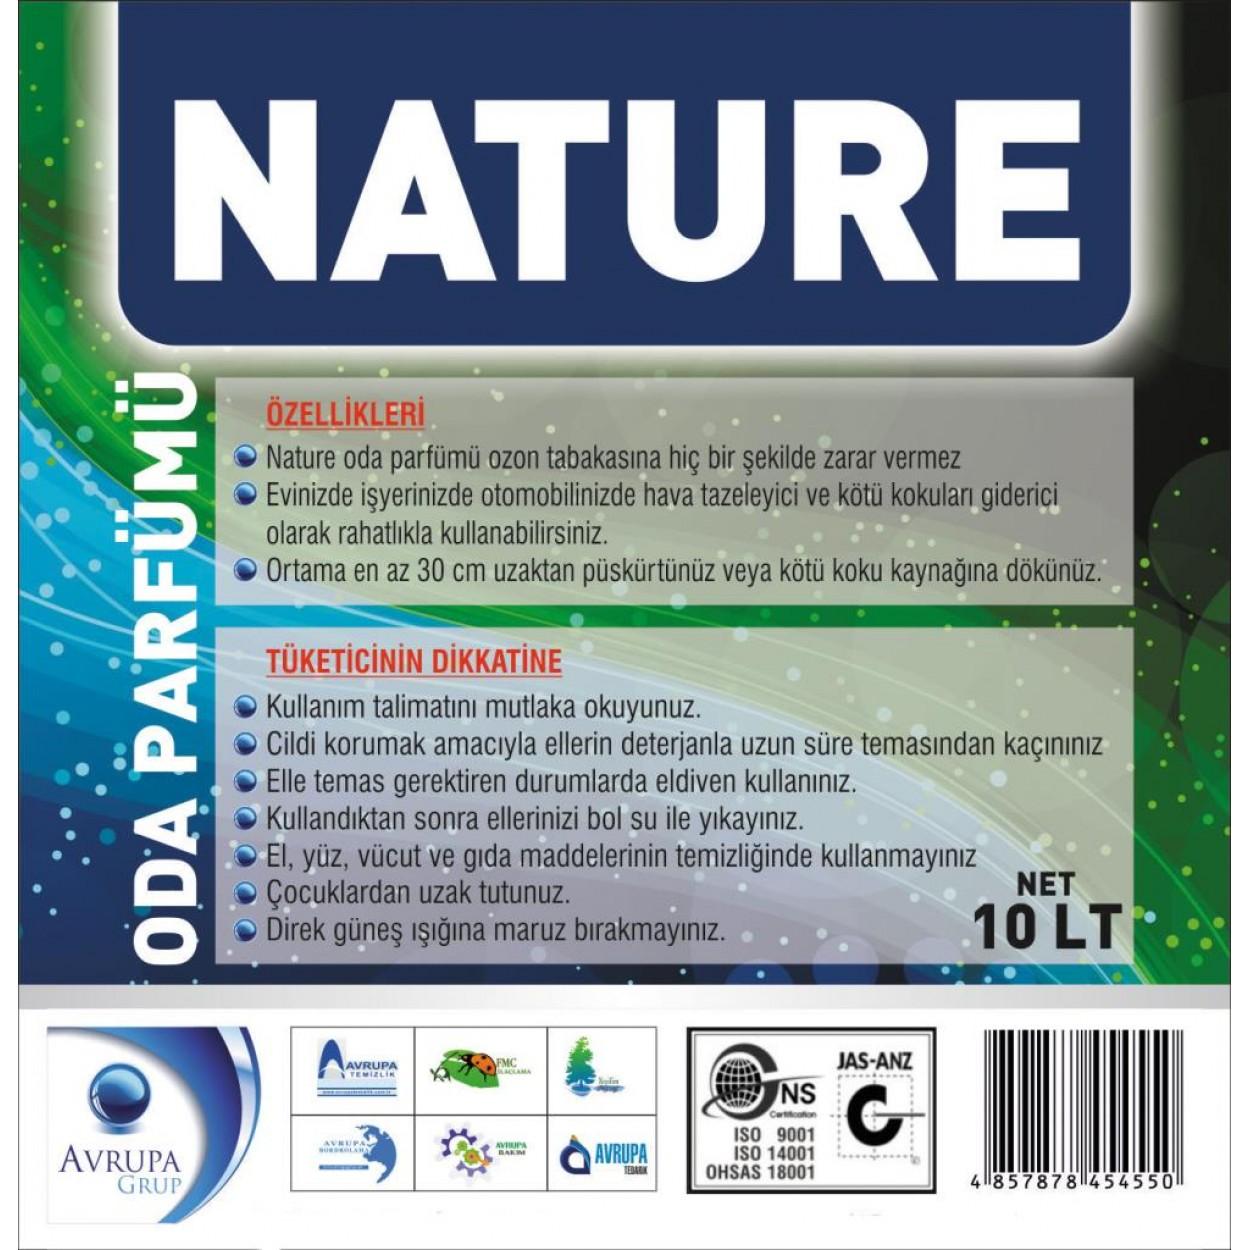 NATURE Kötü Kokuları Gideren Hava Şartlandırıcı 10 Litre